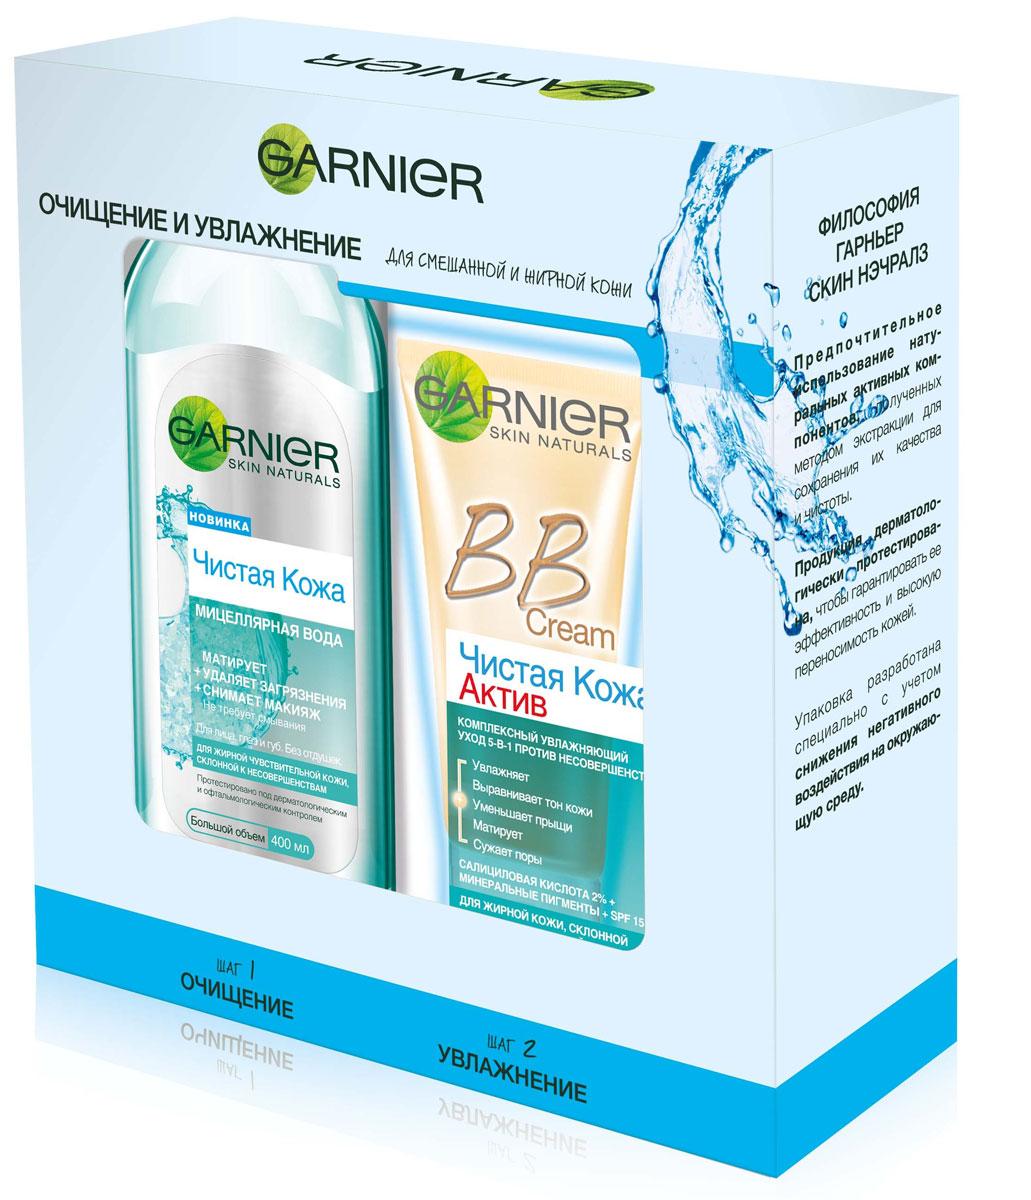 Набор Garnier Чистая Кожа Мицеллярная вода, 400 мл + BB Крем 5 в 1 для жирной кожи, светло-бежевый, 50 мл, -50% на второй продуктXRU03146Впервые Гарньер представляет мицеллярную технологию для жирно чувствительной кожи, склонной к появлению несовершенств. Мицеллы обладают способностью нежно и эффективно захватывать загрязнения с поверхности кожи, удерживая их внутри себя, а затем легко удаляются кожи при помощи ватного диска. Мицеллы поглощают и удаляют все загрязнения, кожный жир и макияж. Результат: идеально чистая матовая кожа без лишнего трения. Очищающая формула без отдушек подходит для жирной чувствительной кожа склонной к несовершенствам. Мицеллярная вода представлена в большом объеме - 400 мл. Средства хватает примерно на 200 использований. + 3-в-1 - это новый подход для борьбы против прыщей, черных точек и жирного блеска. В отличие от других средств он позволяет сочетать в одном флаконе Гель для умывания, Скраб и Маску для максимальной эффективности. 1. Гель для умывания: благодаря содержанию цинка, который регулирует выработку кожного жира, и экстракту смитсонита, он интенсивно очищает кожу и избавляет её от загрязнений. 2. Скраб: благодаря содержанию частичек пемзы, натурально очищающего компонента, удаляет ороговевшие клетки кожи и очищает поры. 3. Маска: благодаря содержанию белой глины, известной своей способностью успокаивать кожу и сужать поры, матирует и выравнивает цвет лица. Сила 3-х минералов для тройного эффекта против несовершенств кожи! Скидка 50%